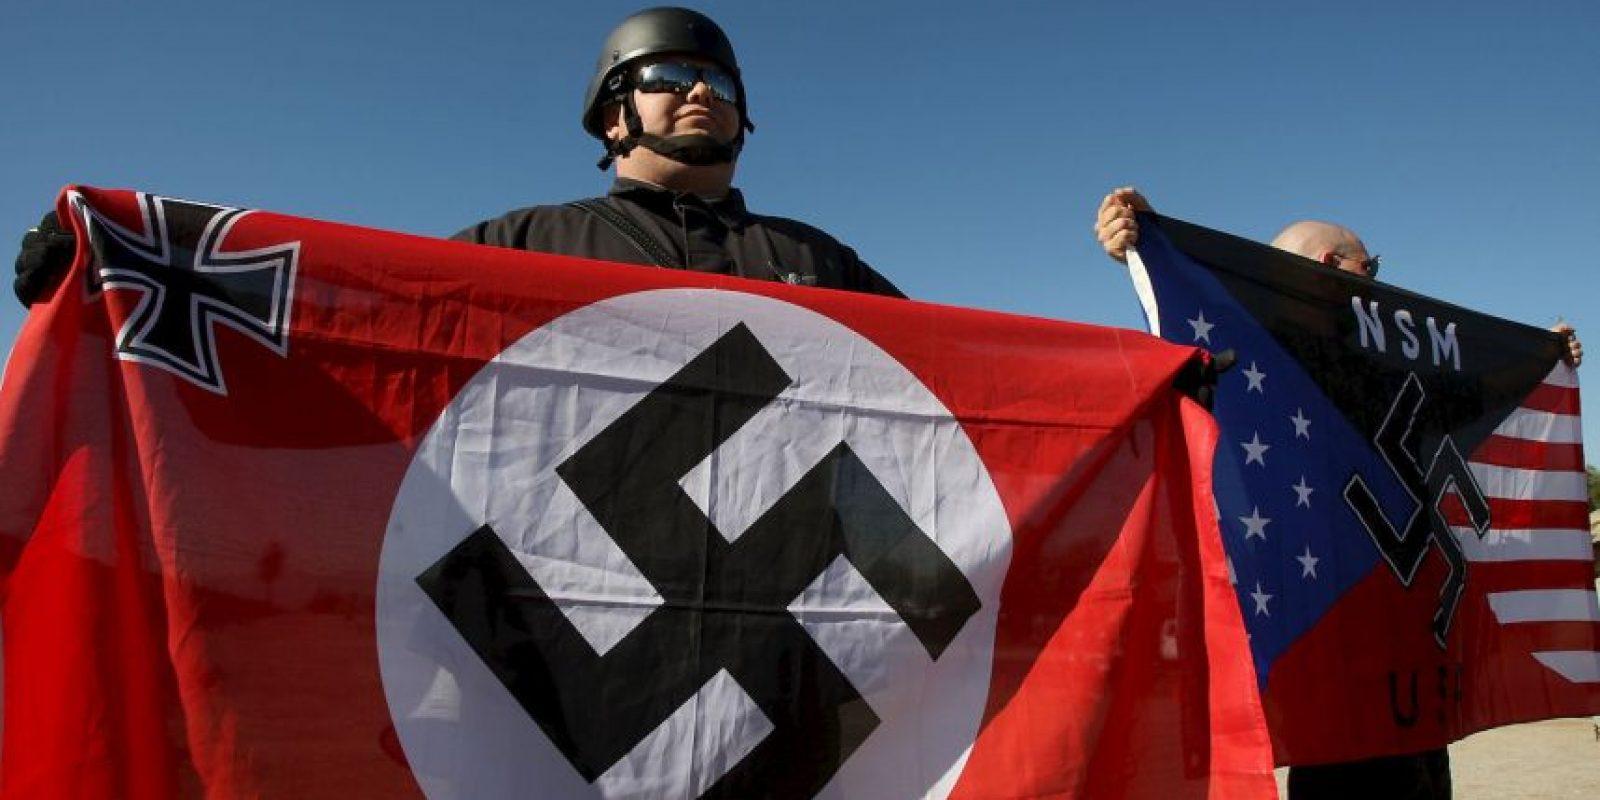 El neonazismo es una ideología política que, tras el fin de la Segunda Guerra Mundial, continuó apoyando y difundiendo las ideas del nazismo. Foto:Getty Images